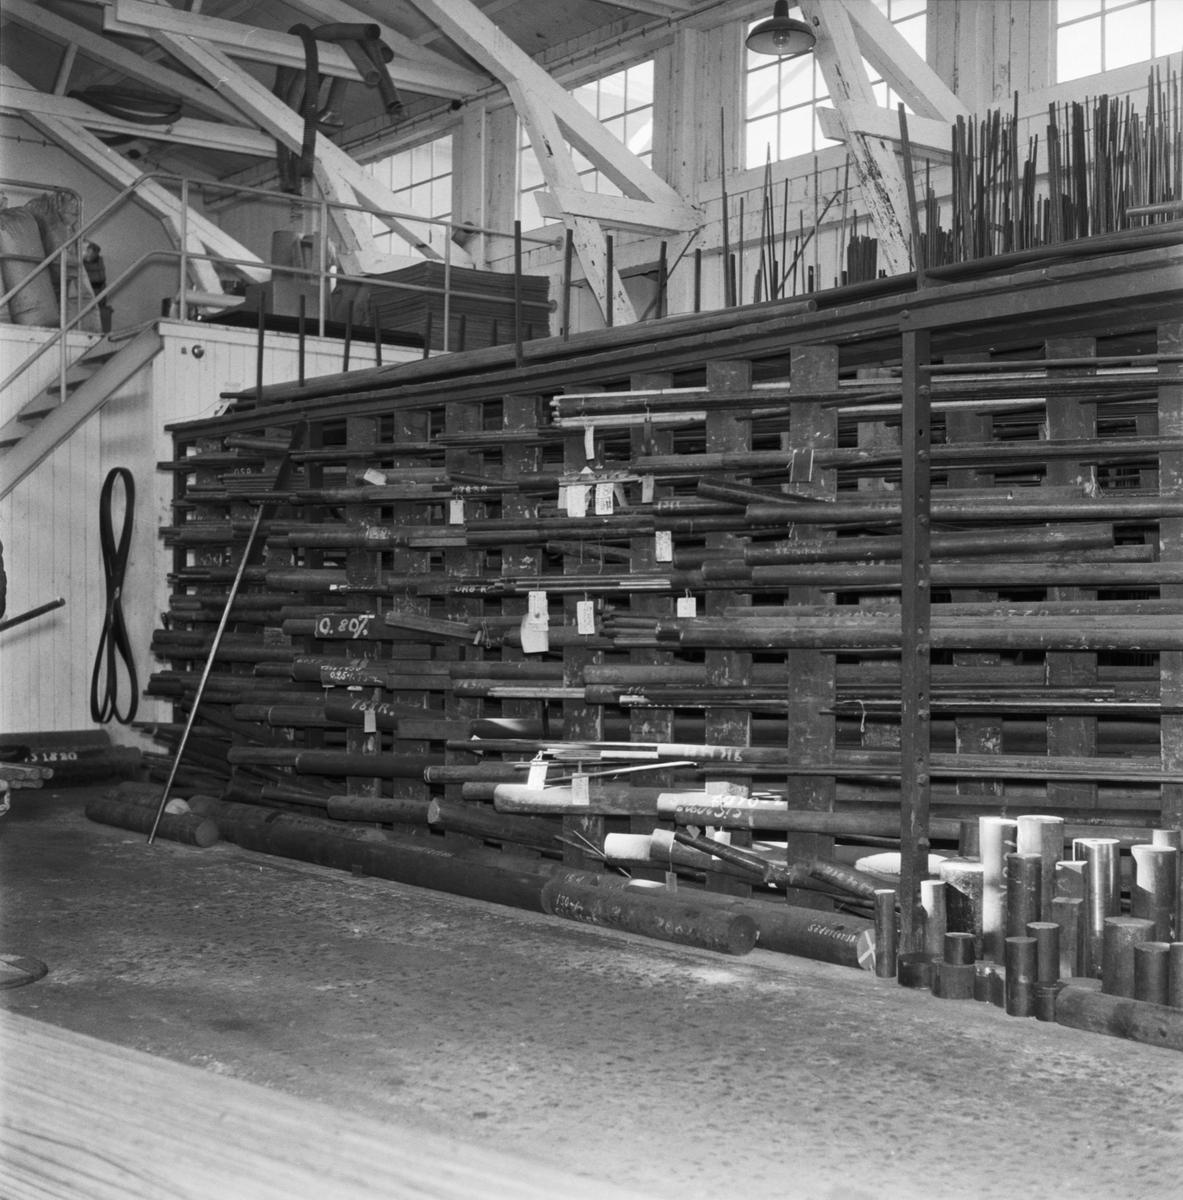 Övrigt: Foto datum: 19/9 1961 Byggnader och kranar Verkstan material förråd interiör